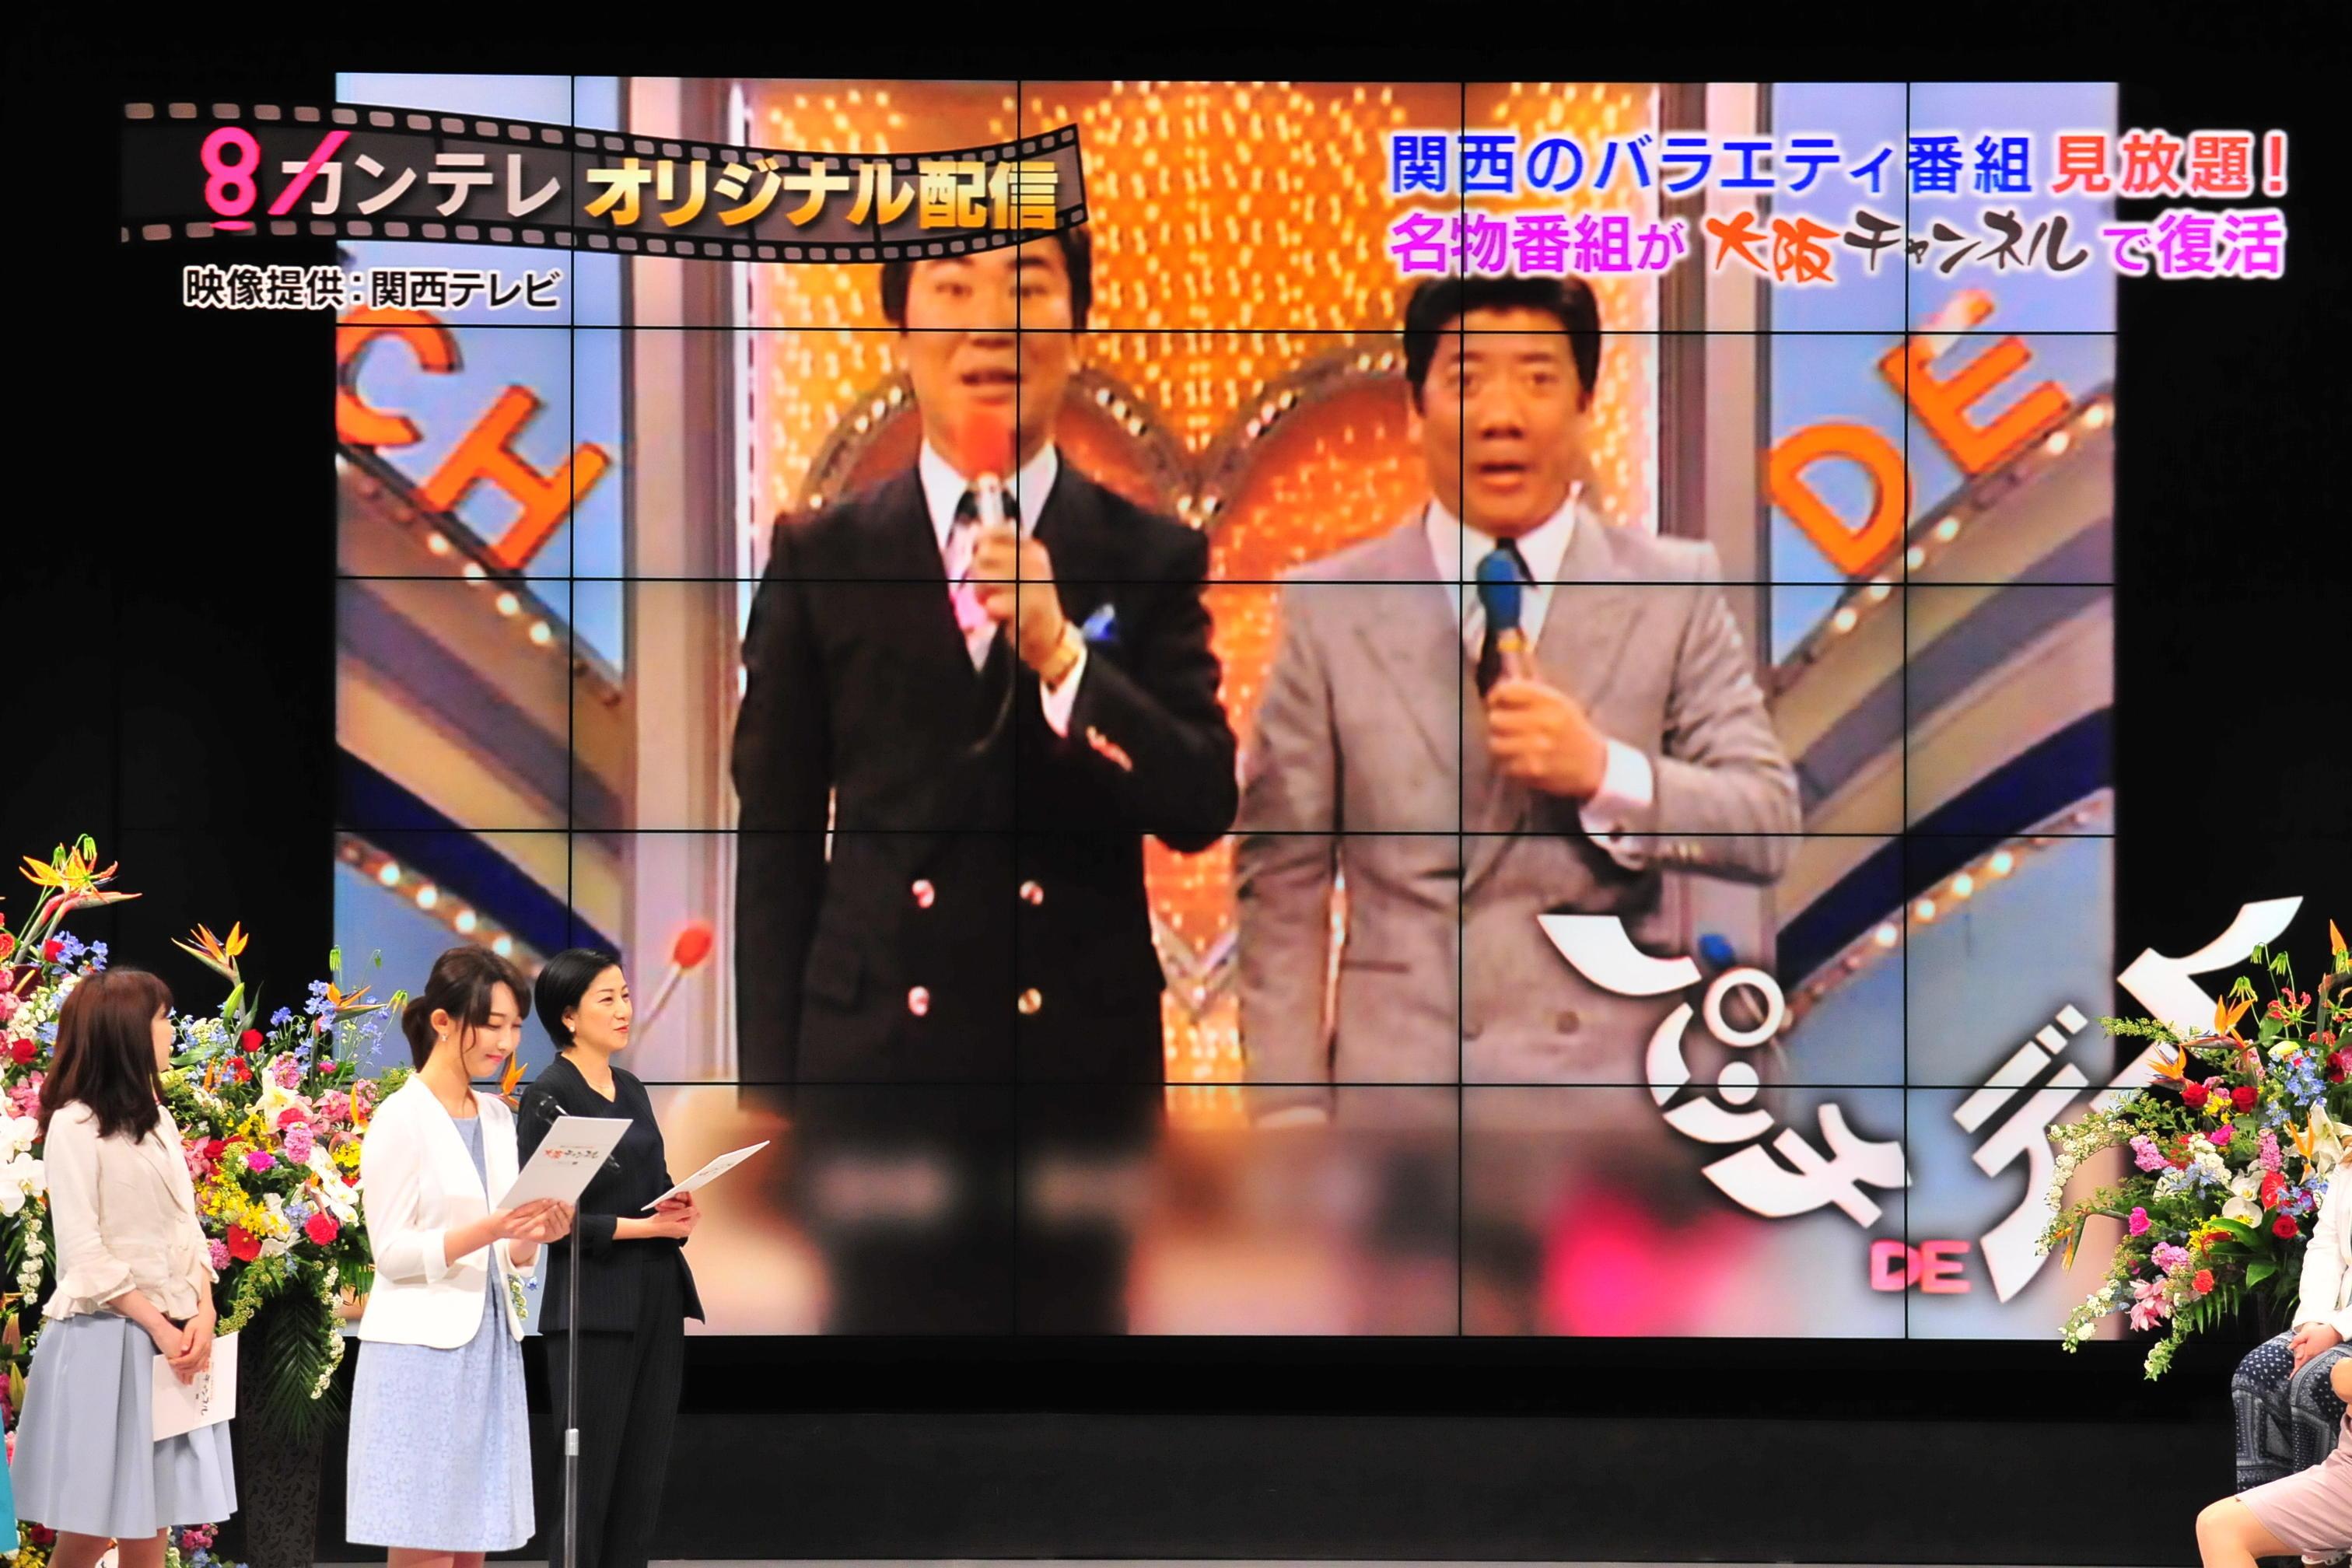 http://news.yoshimoto.co.jp/20170425160805-439640872cdf0ef6043529f9a1d6fbf63b36a3bc.jpg